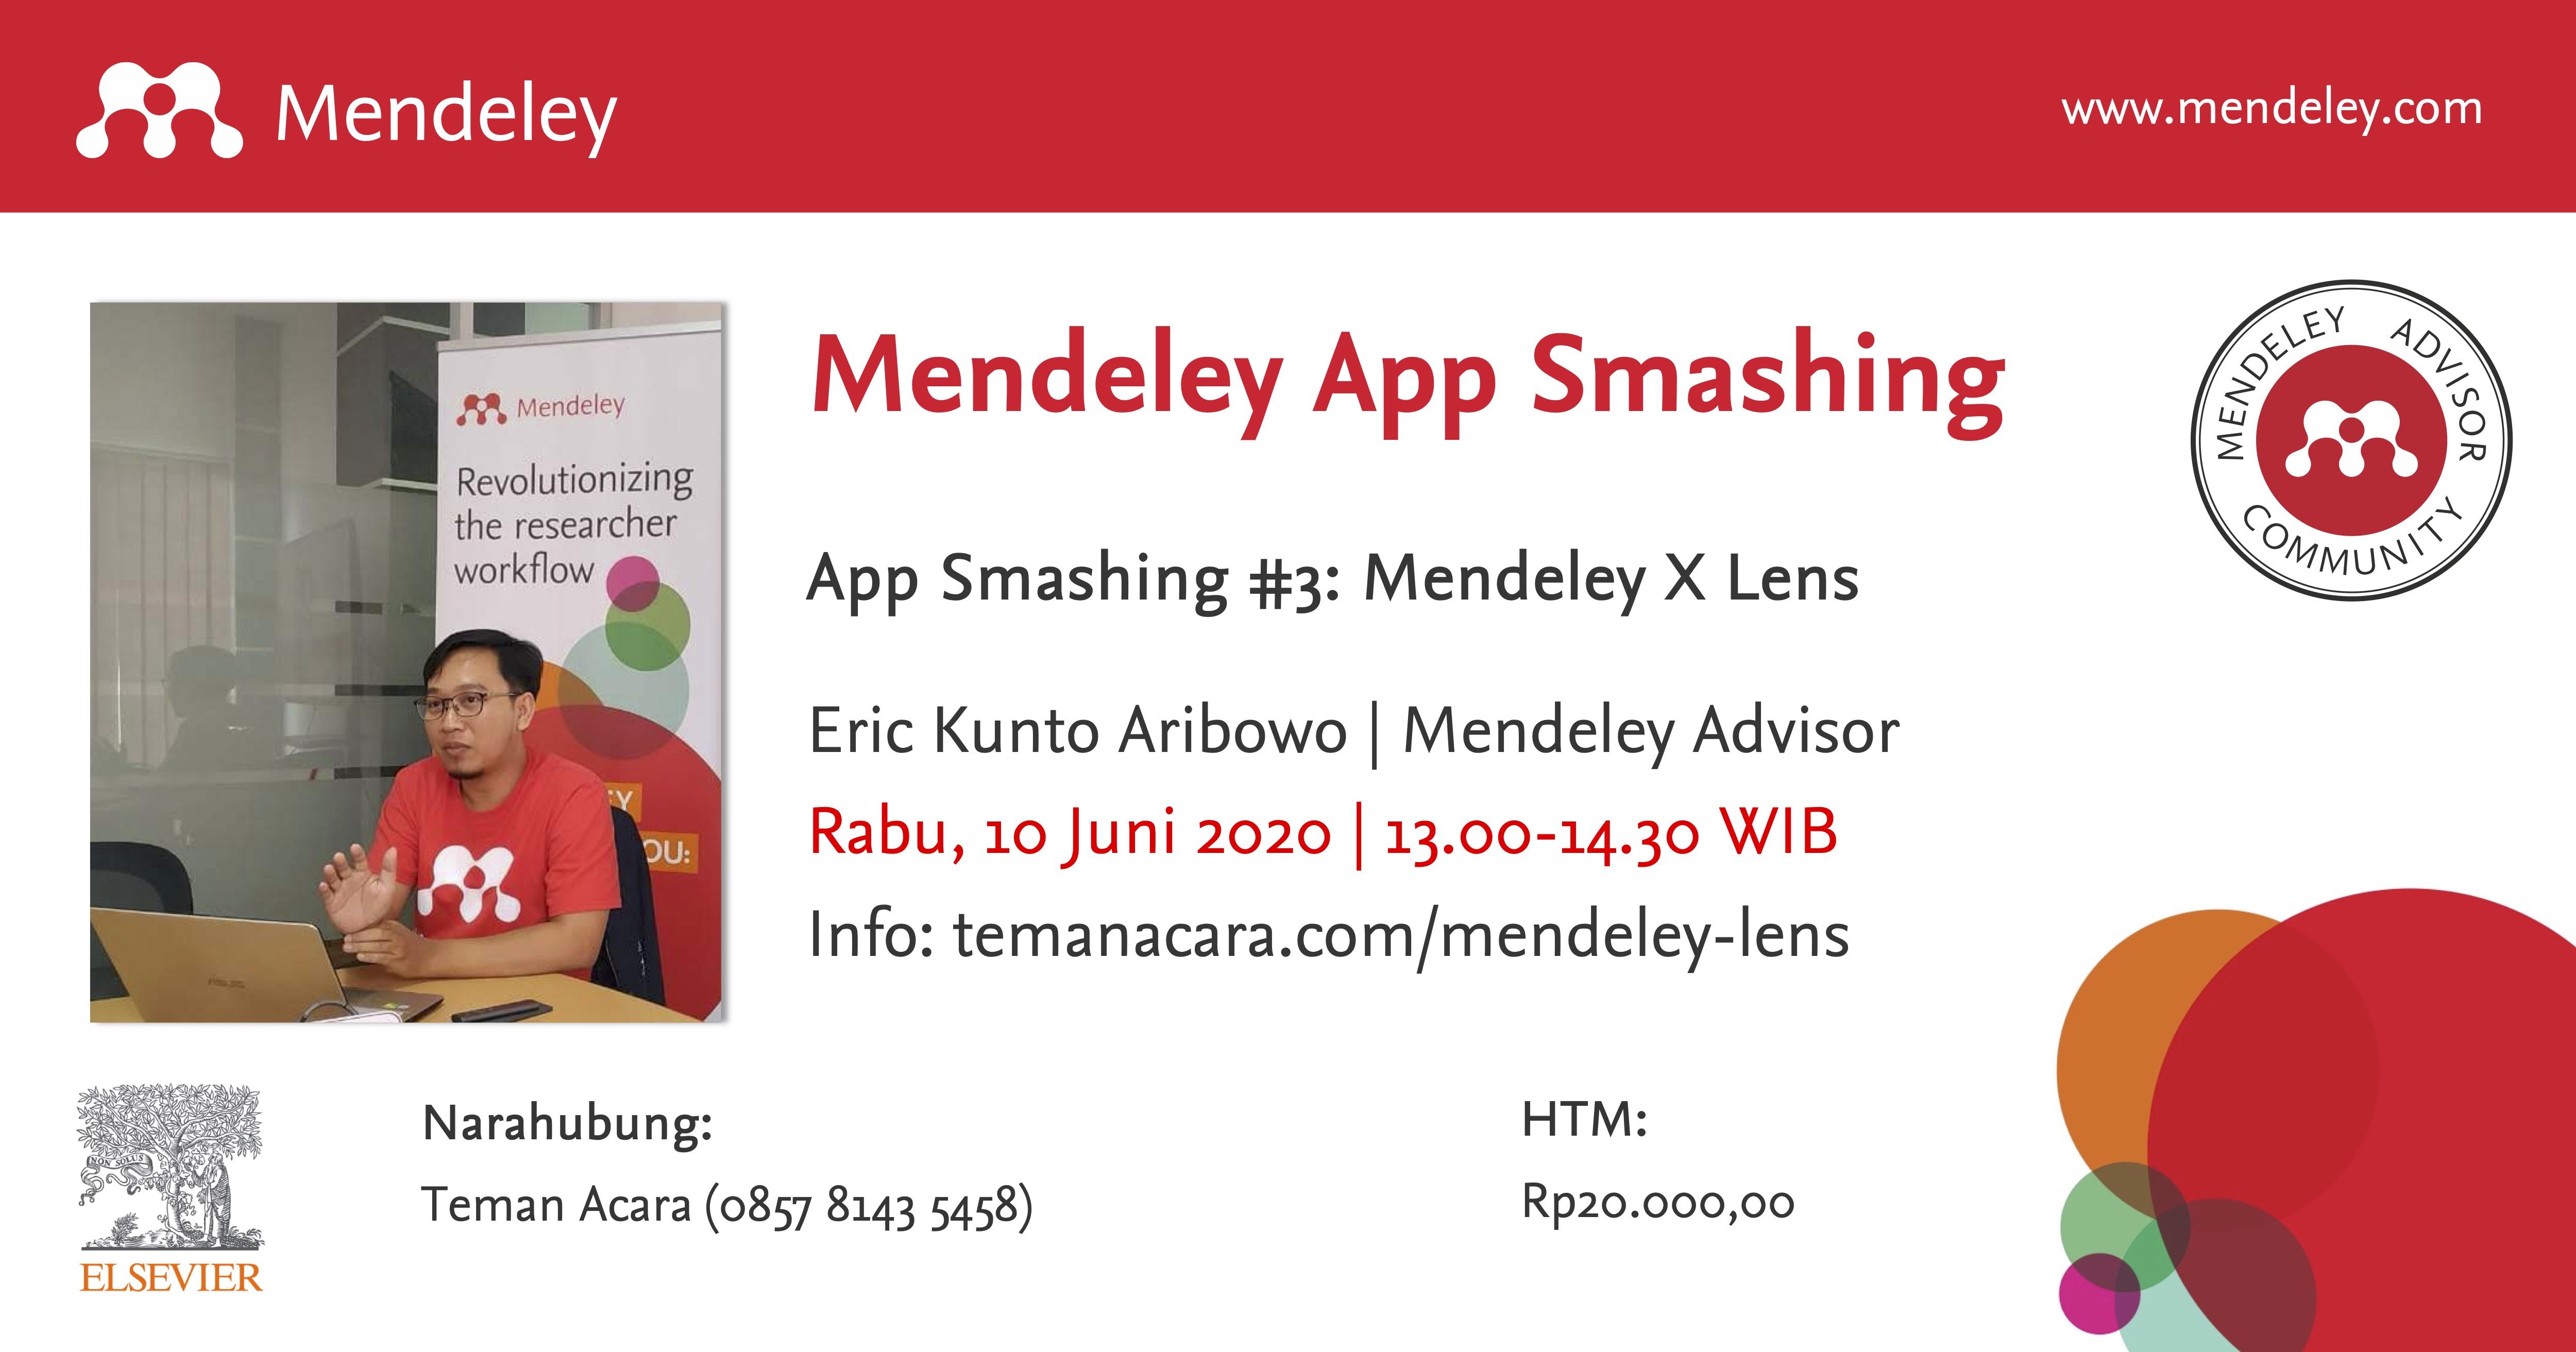 App Smashing #3: Mendeley X Lens